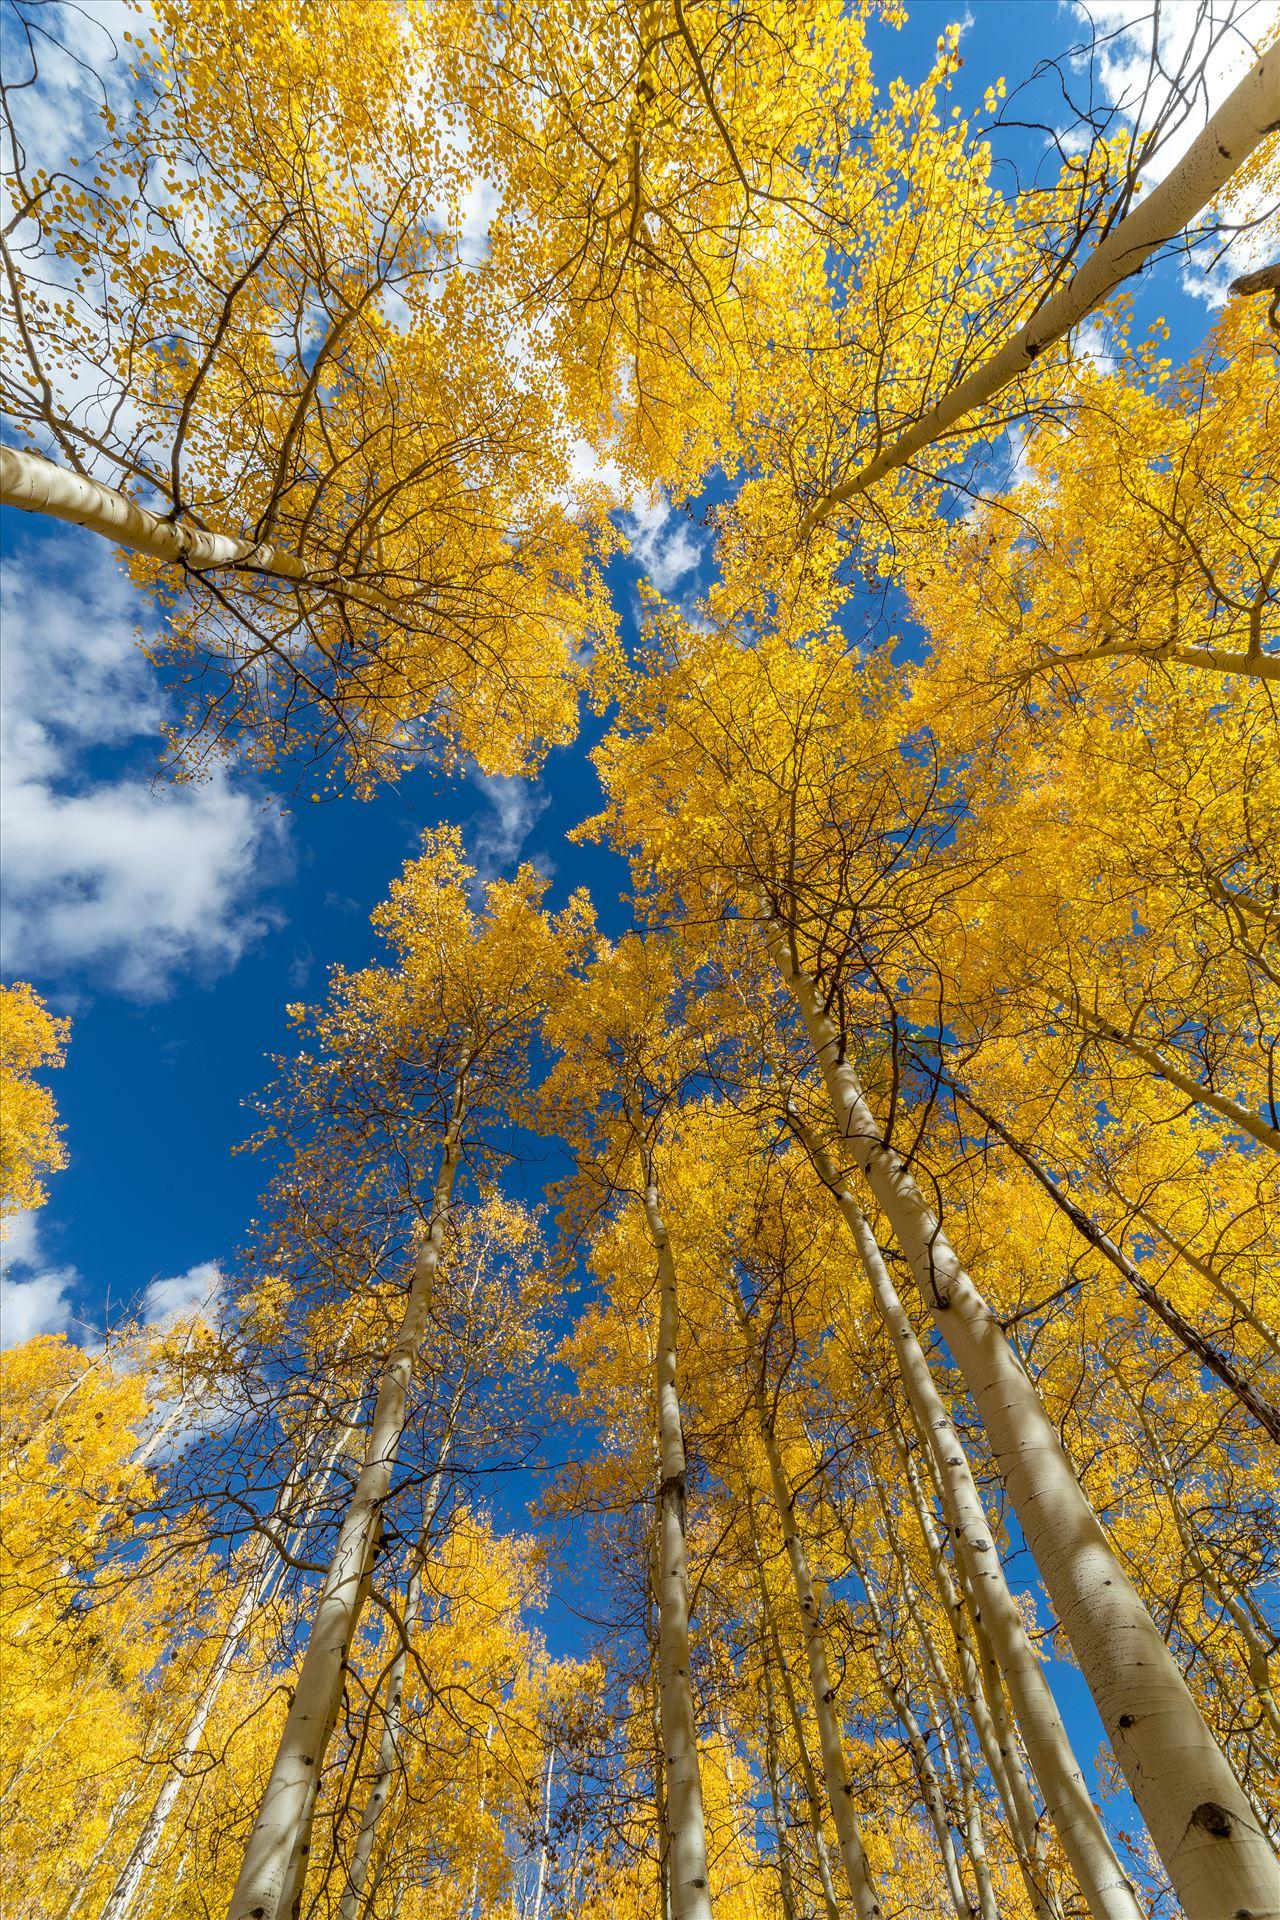 Aspens to the Sky No 1 - Aspens reaching skyward in Fall. Taken near Maroon Creek Drive near Aspen, Colorado. by D Scott Smith